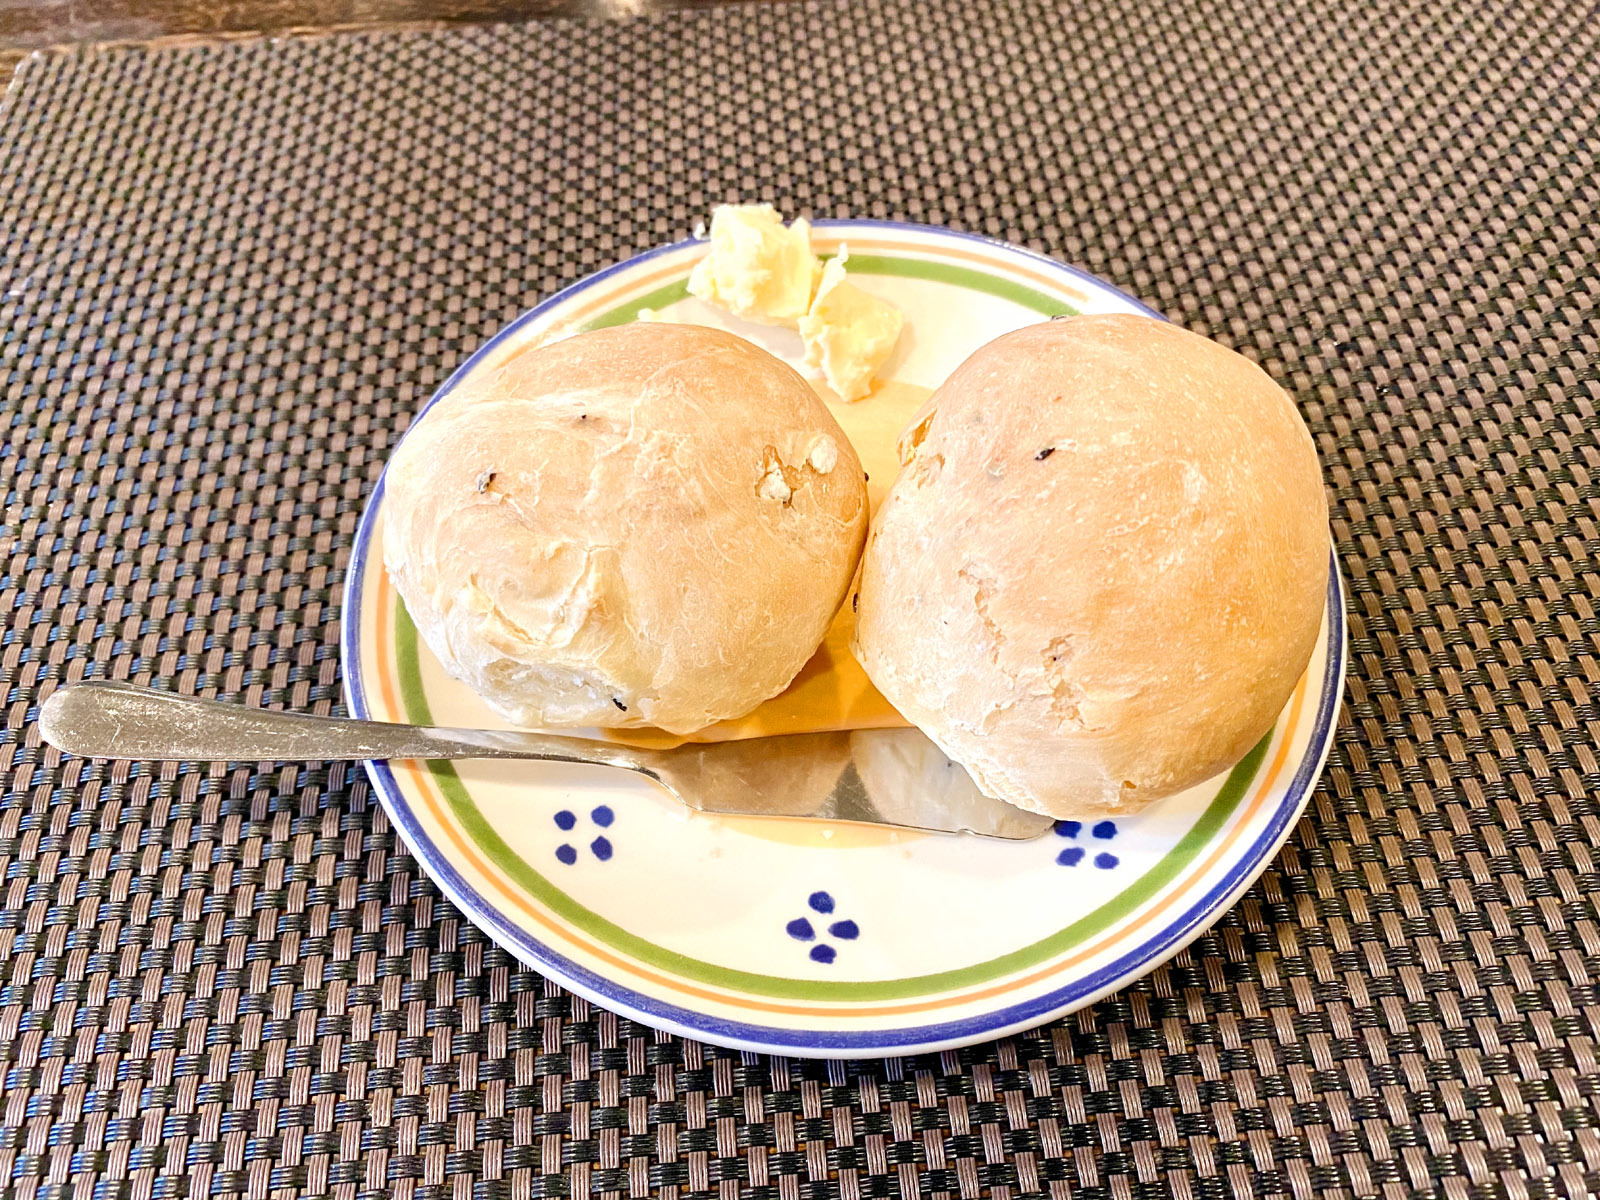 ビストロあおやぎ 手作りドイツ風パン(2ケ) 200円